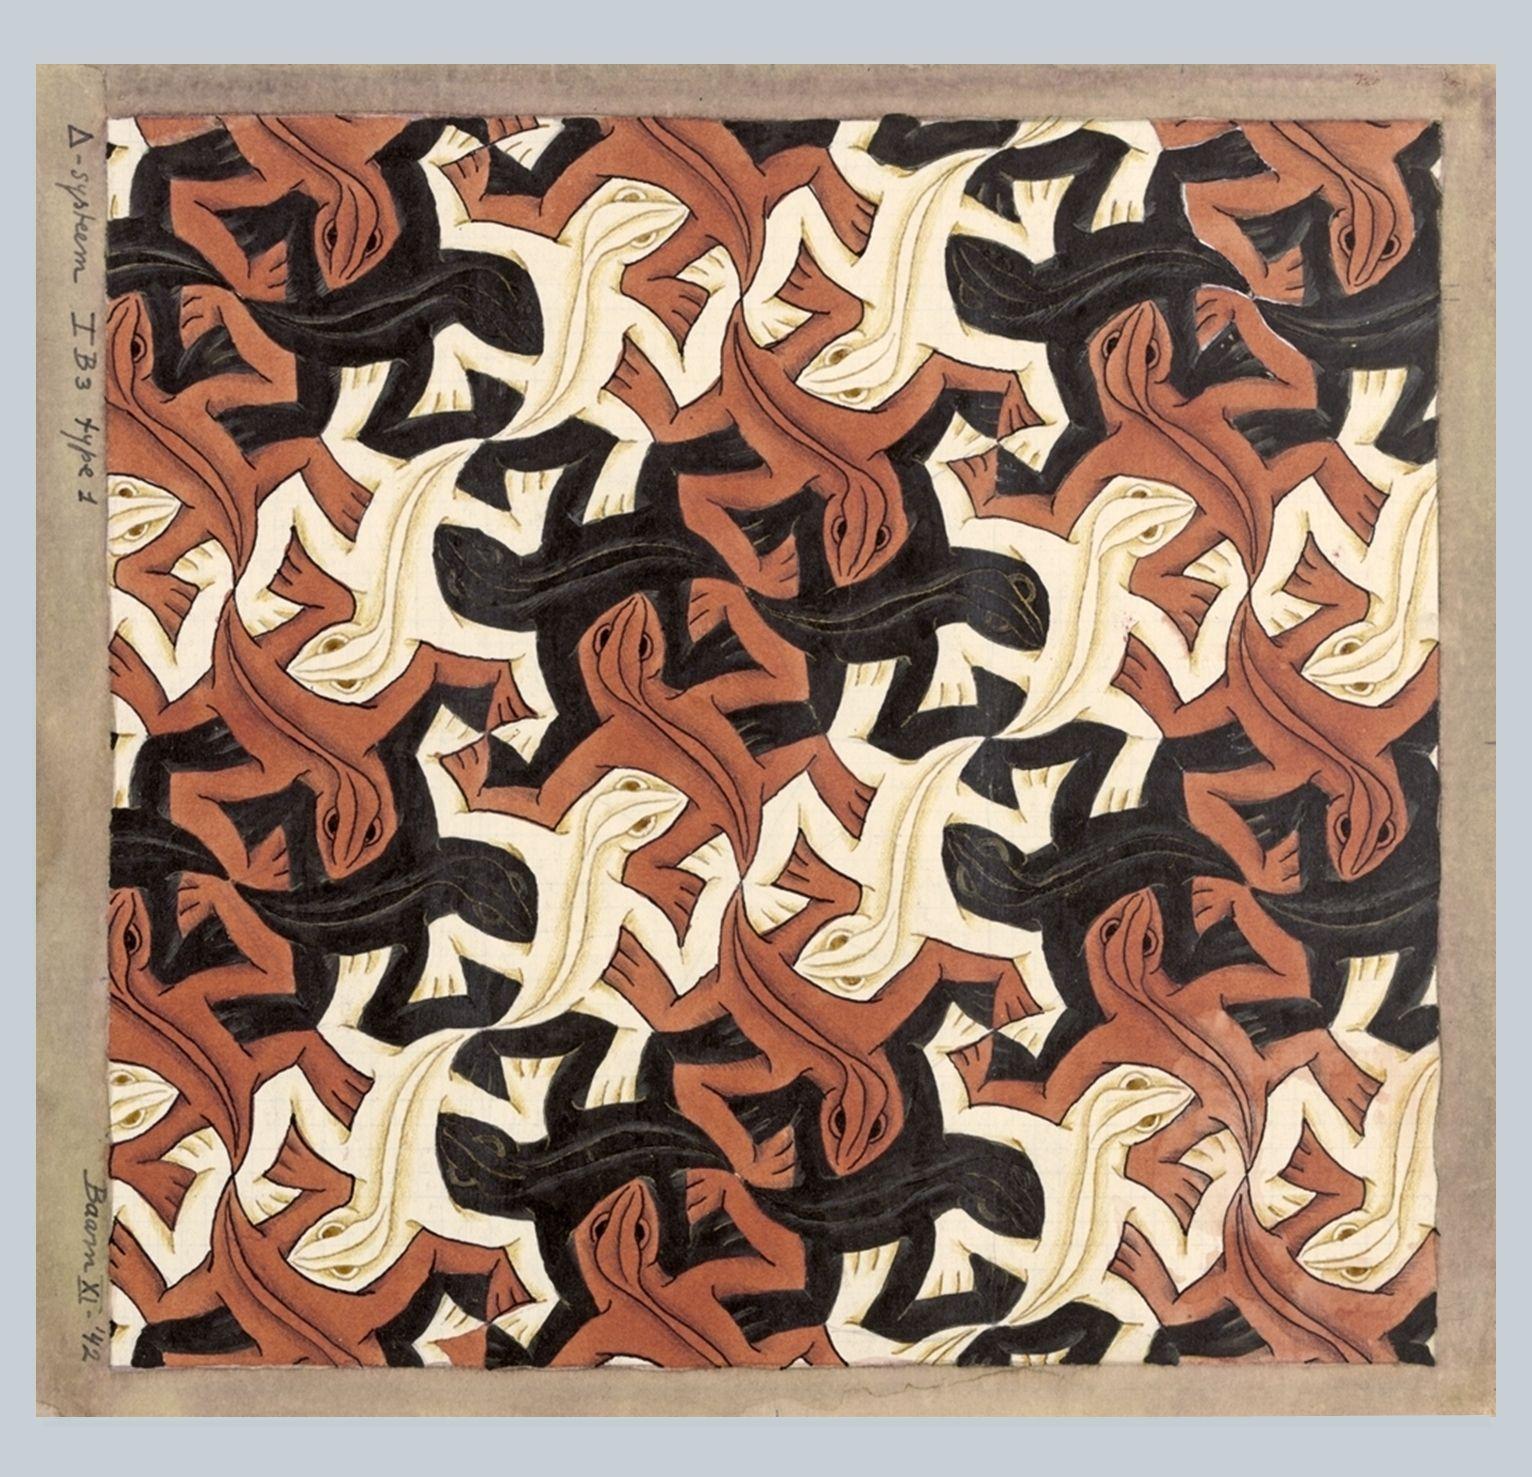 Mc escher floor tiles